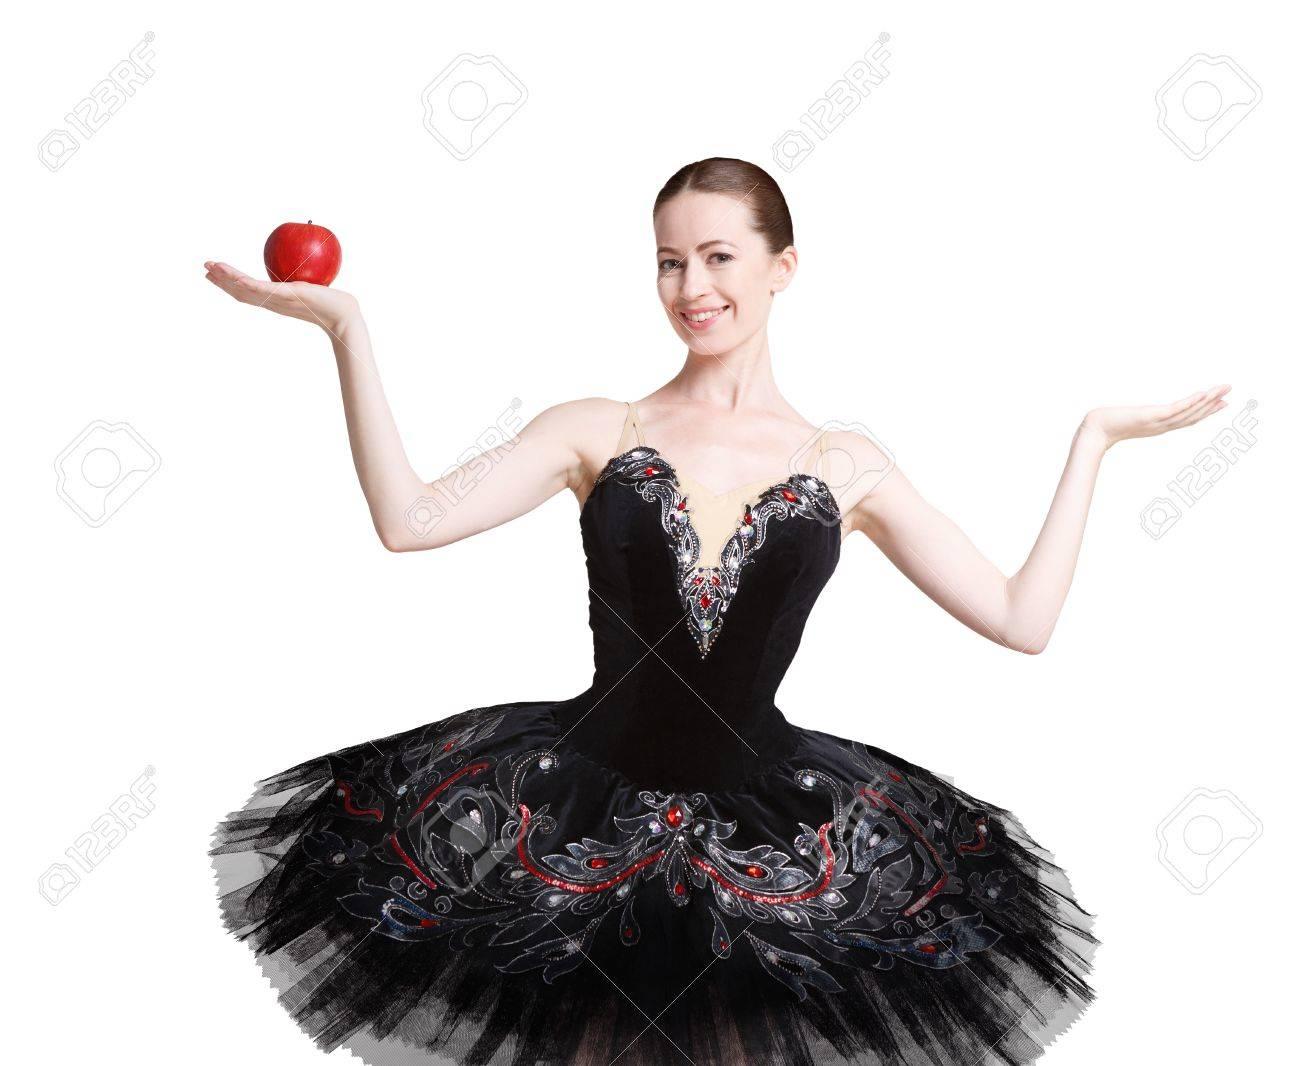 balet slimming pierderea în greutate pe purium